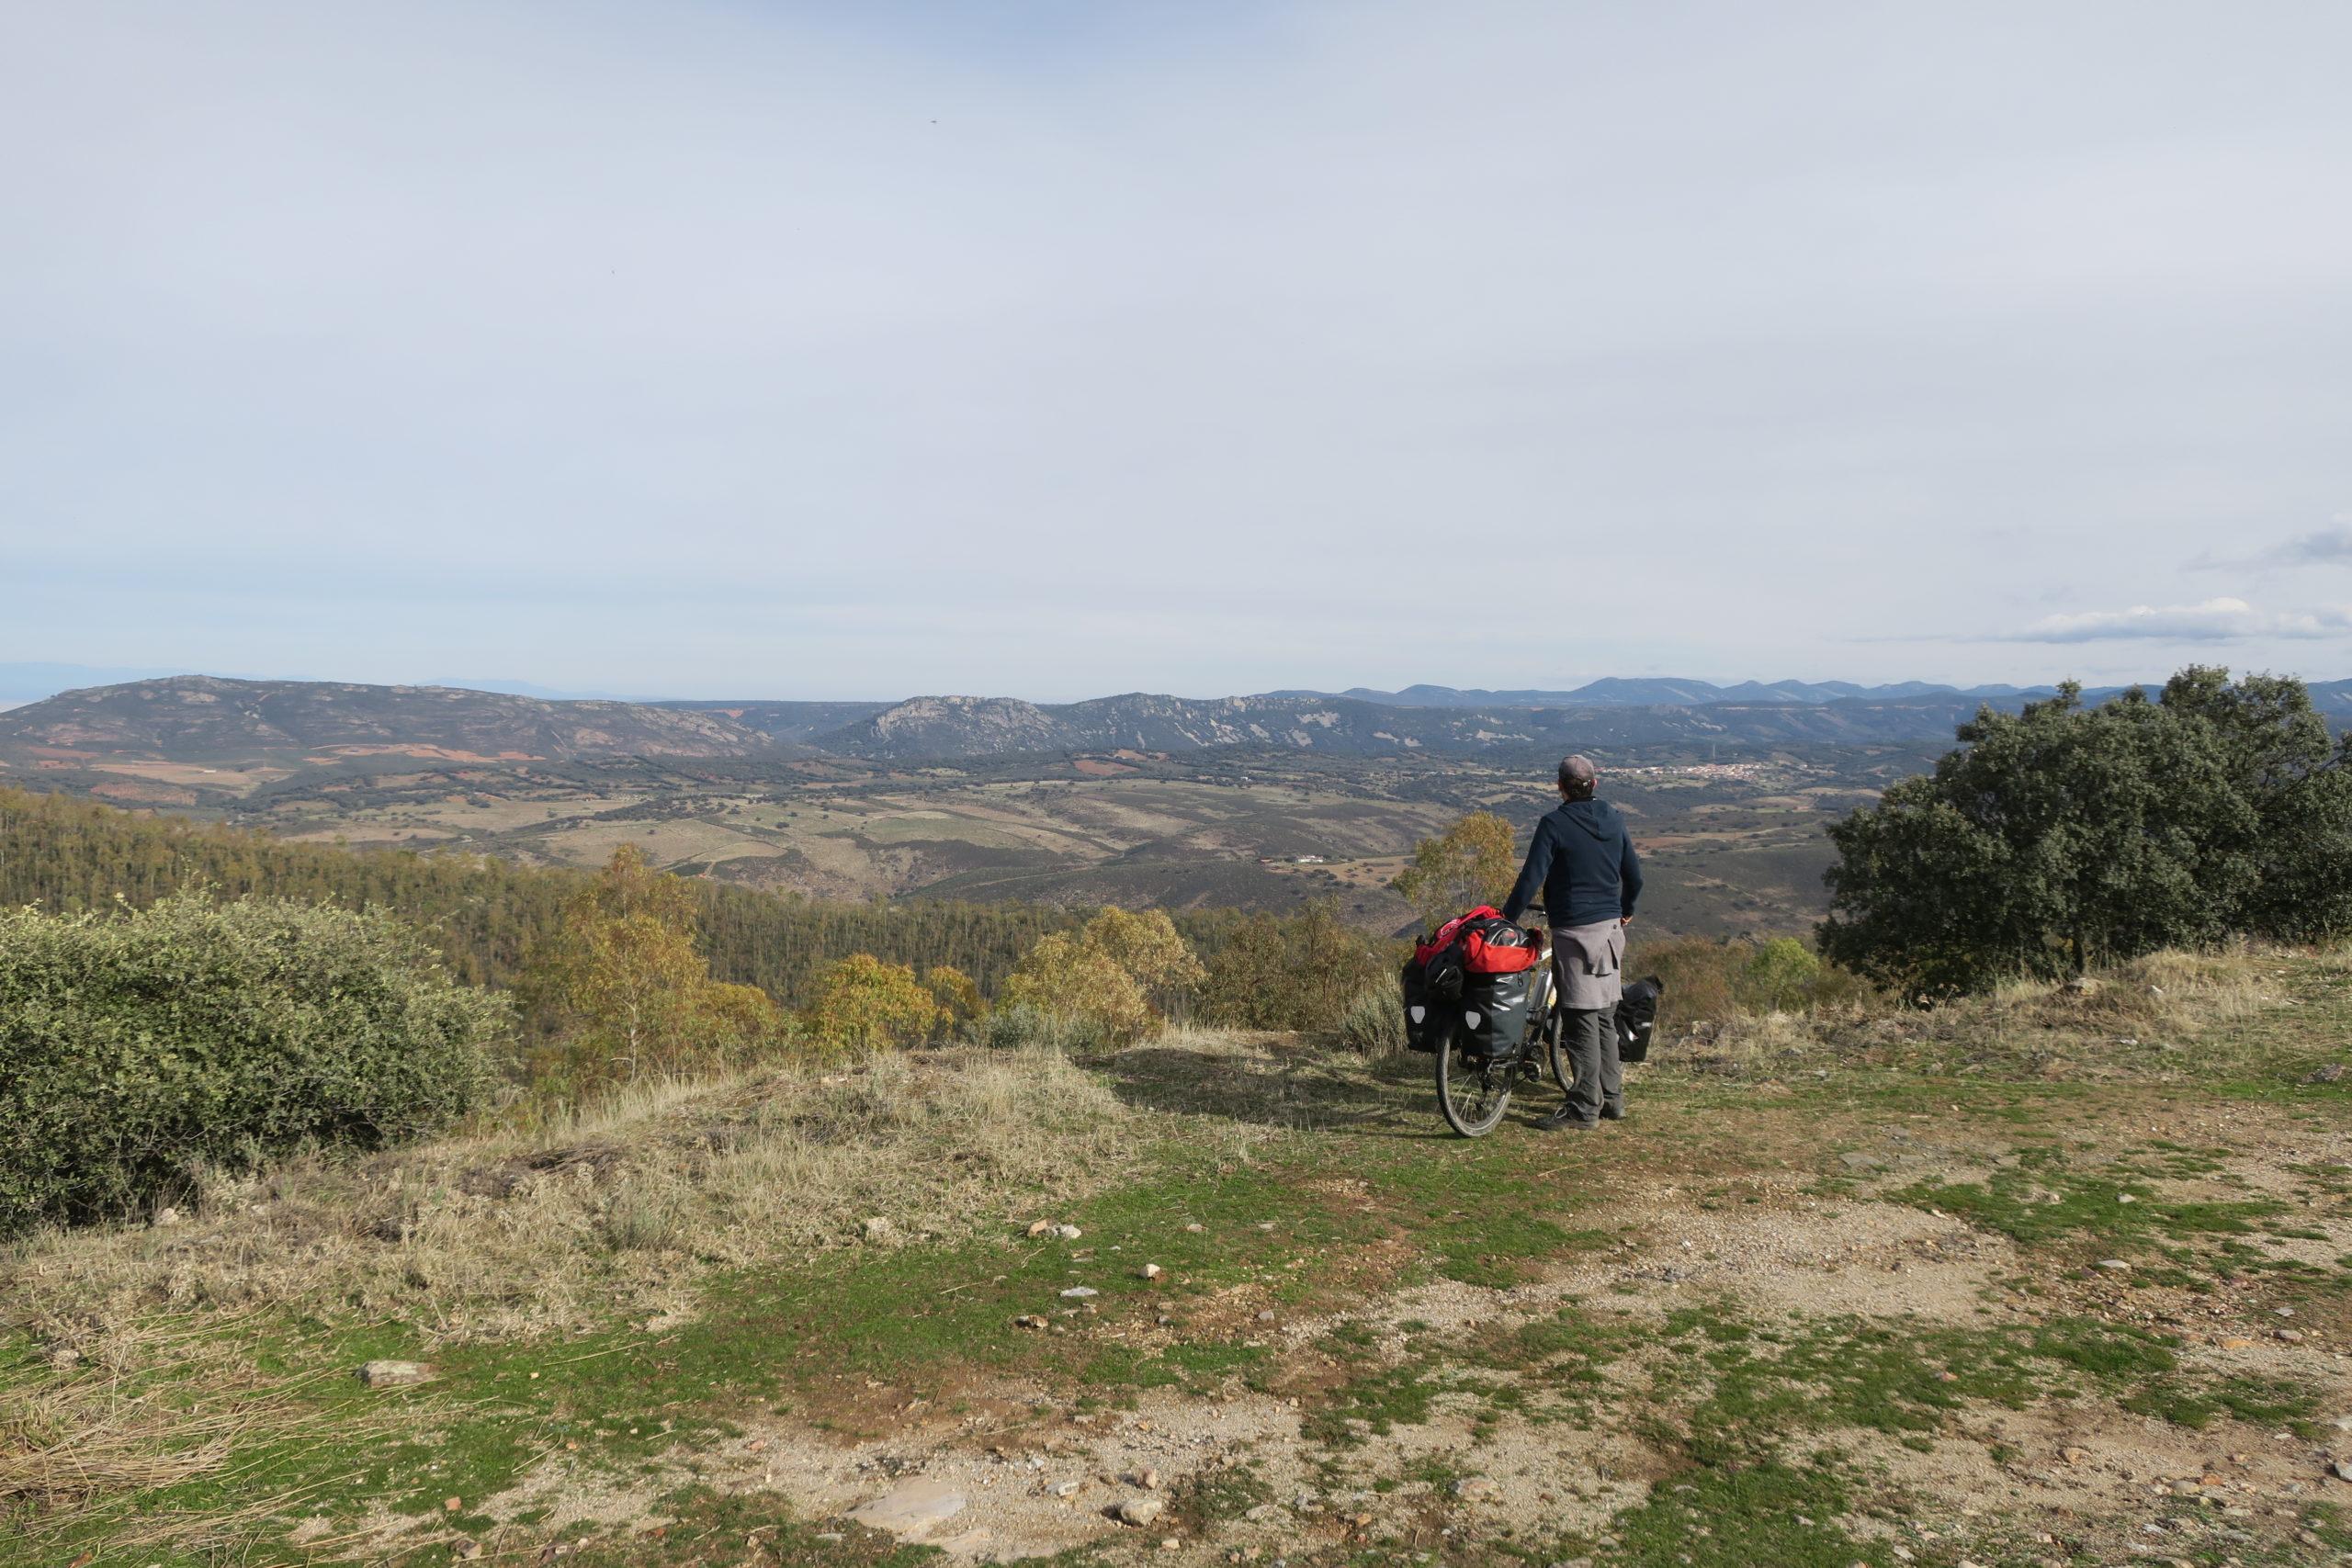 Voyage à vélo en Espagne dans les montagnes de l'Estremadure